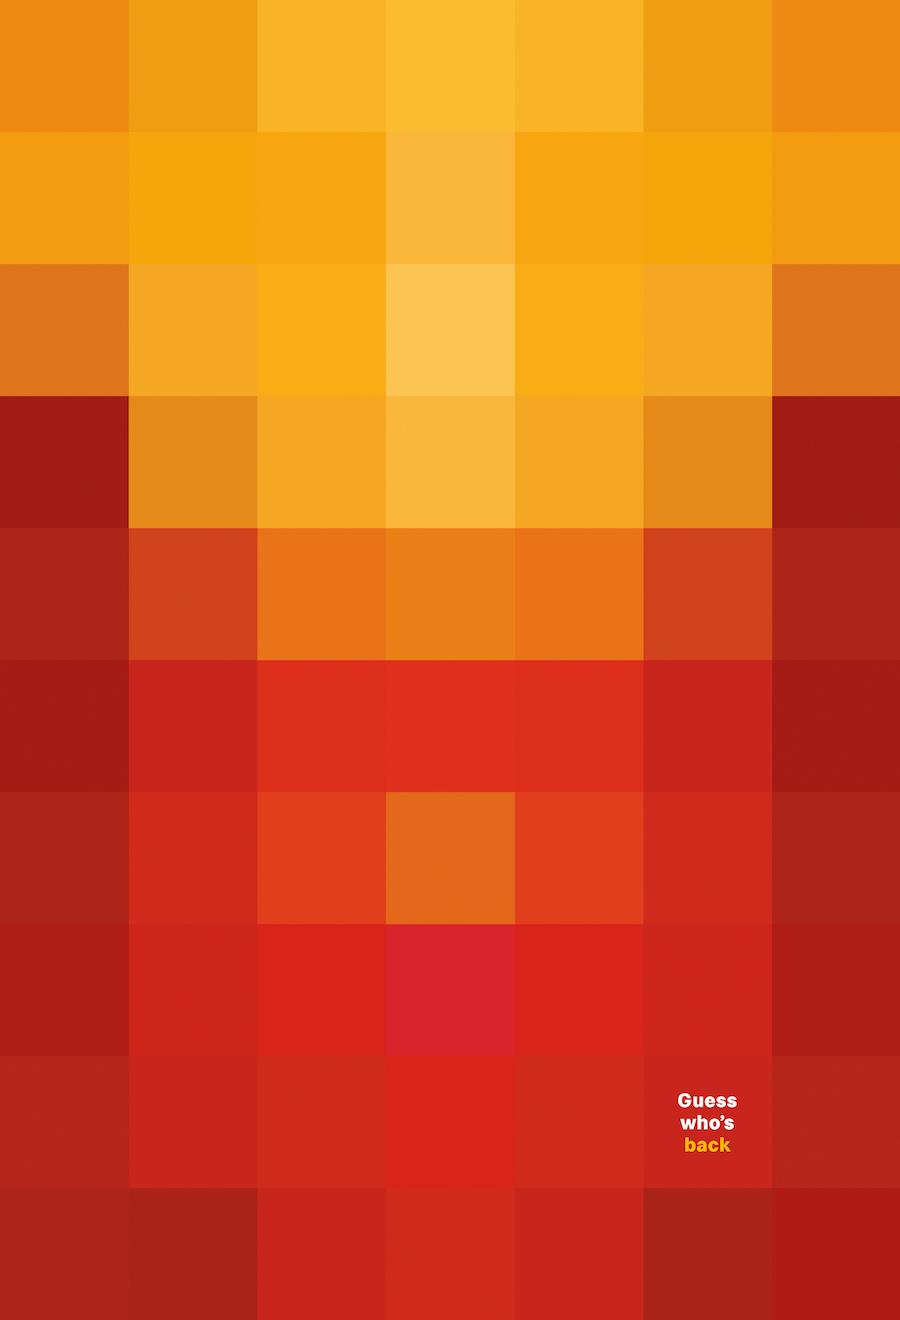 McDonald's Pixels - Fries